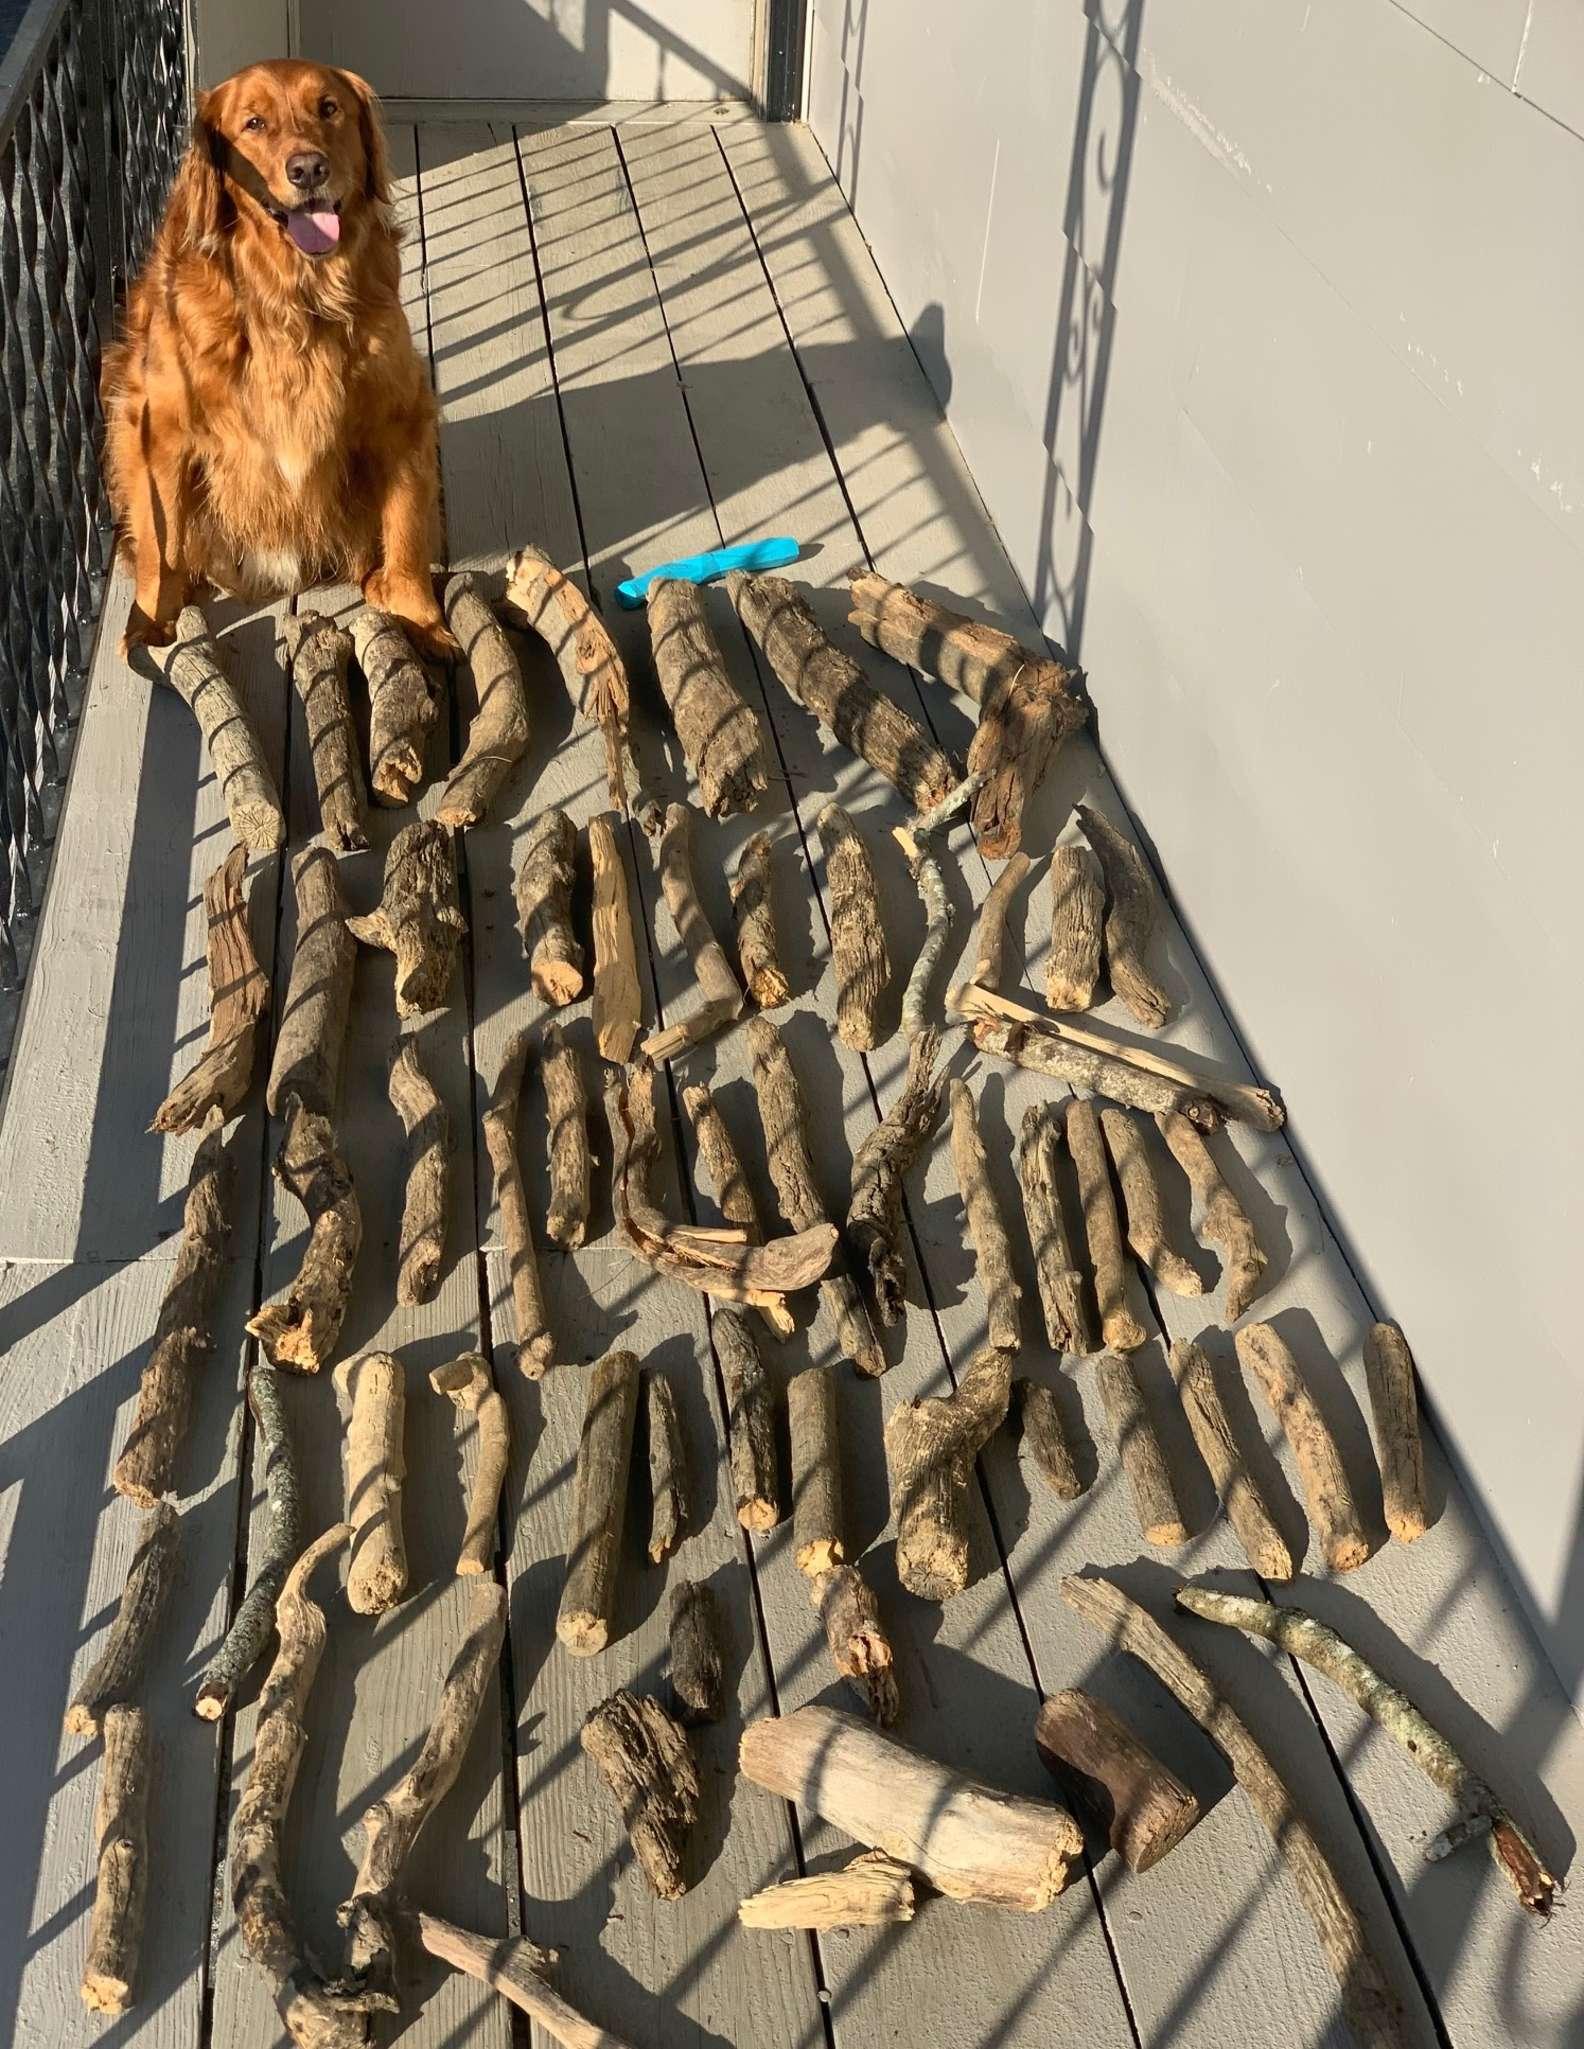 Il Golden Retriever e i bastoncini di legno